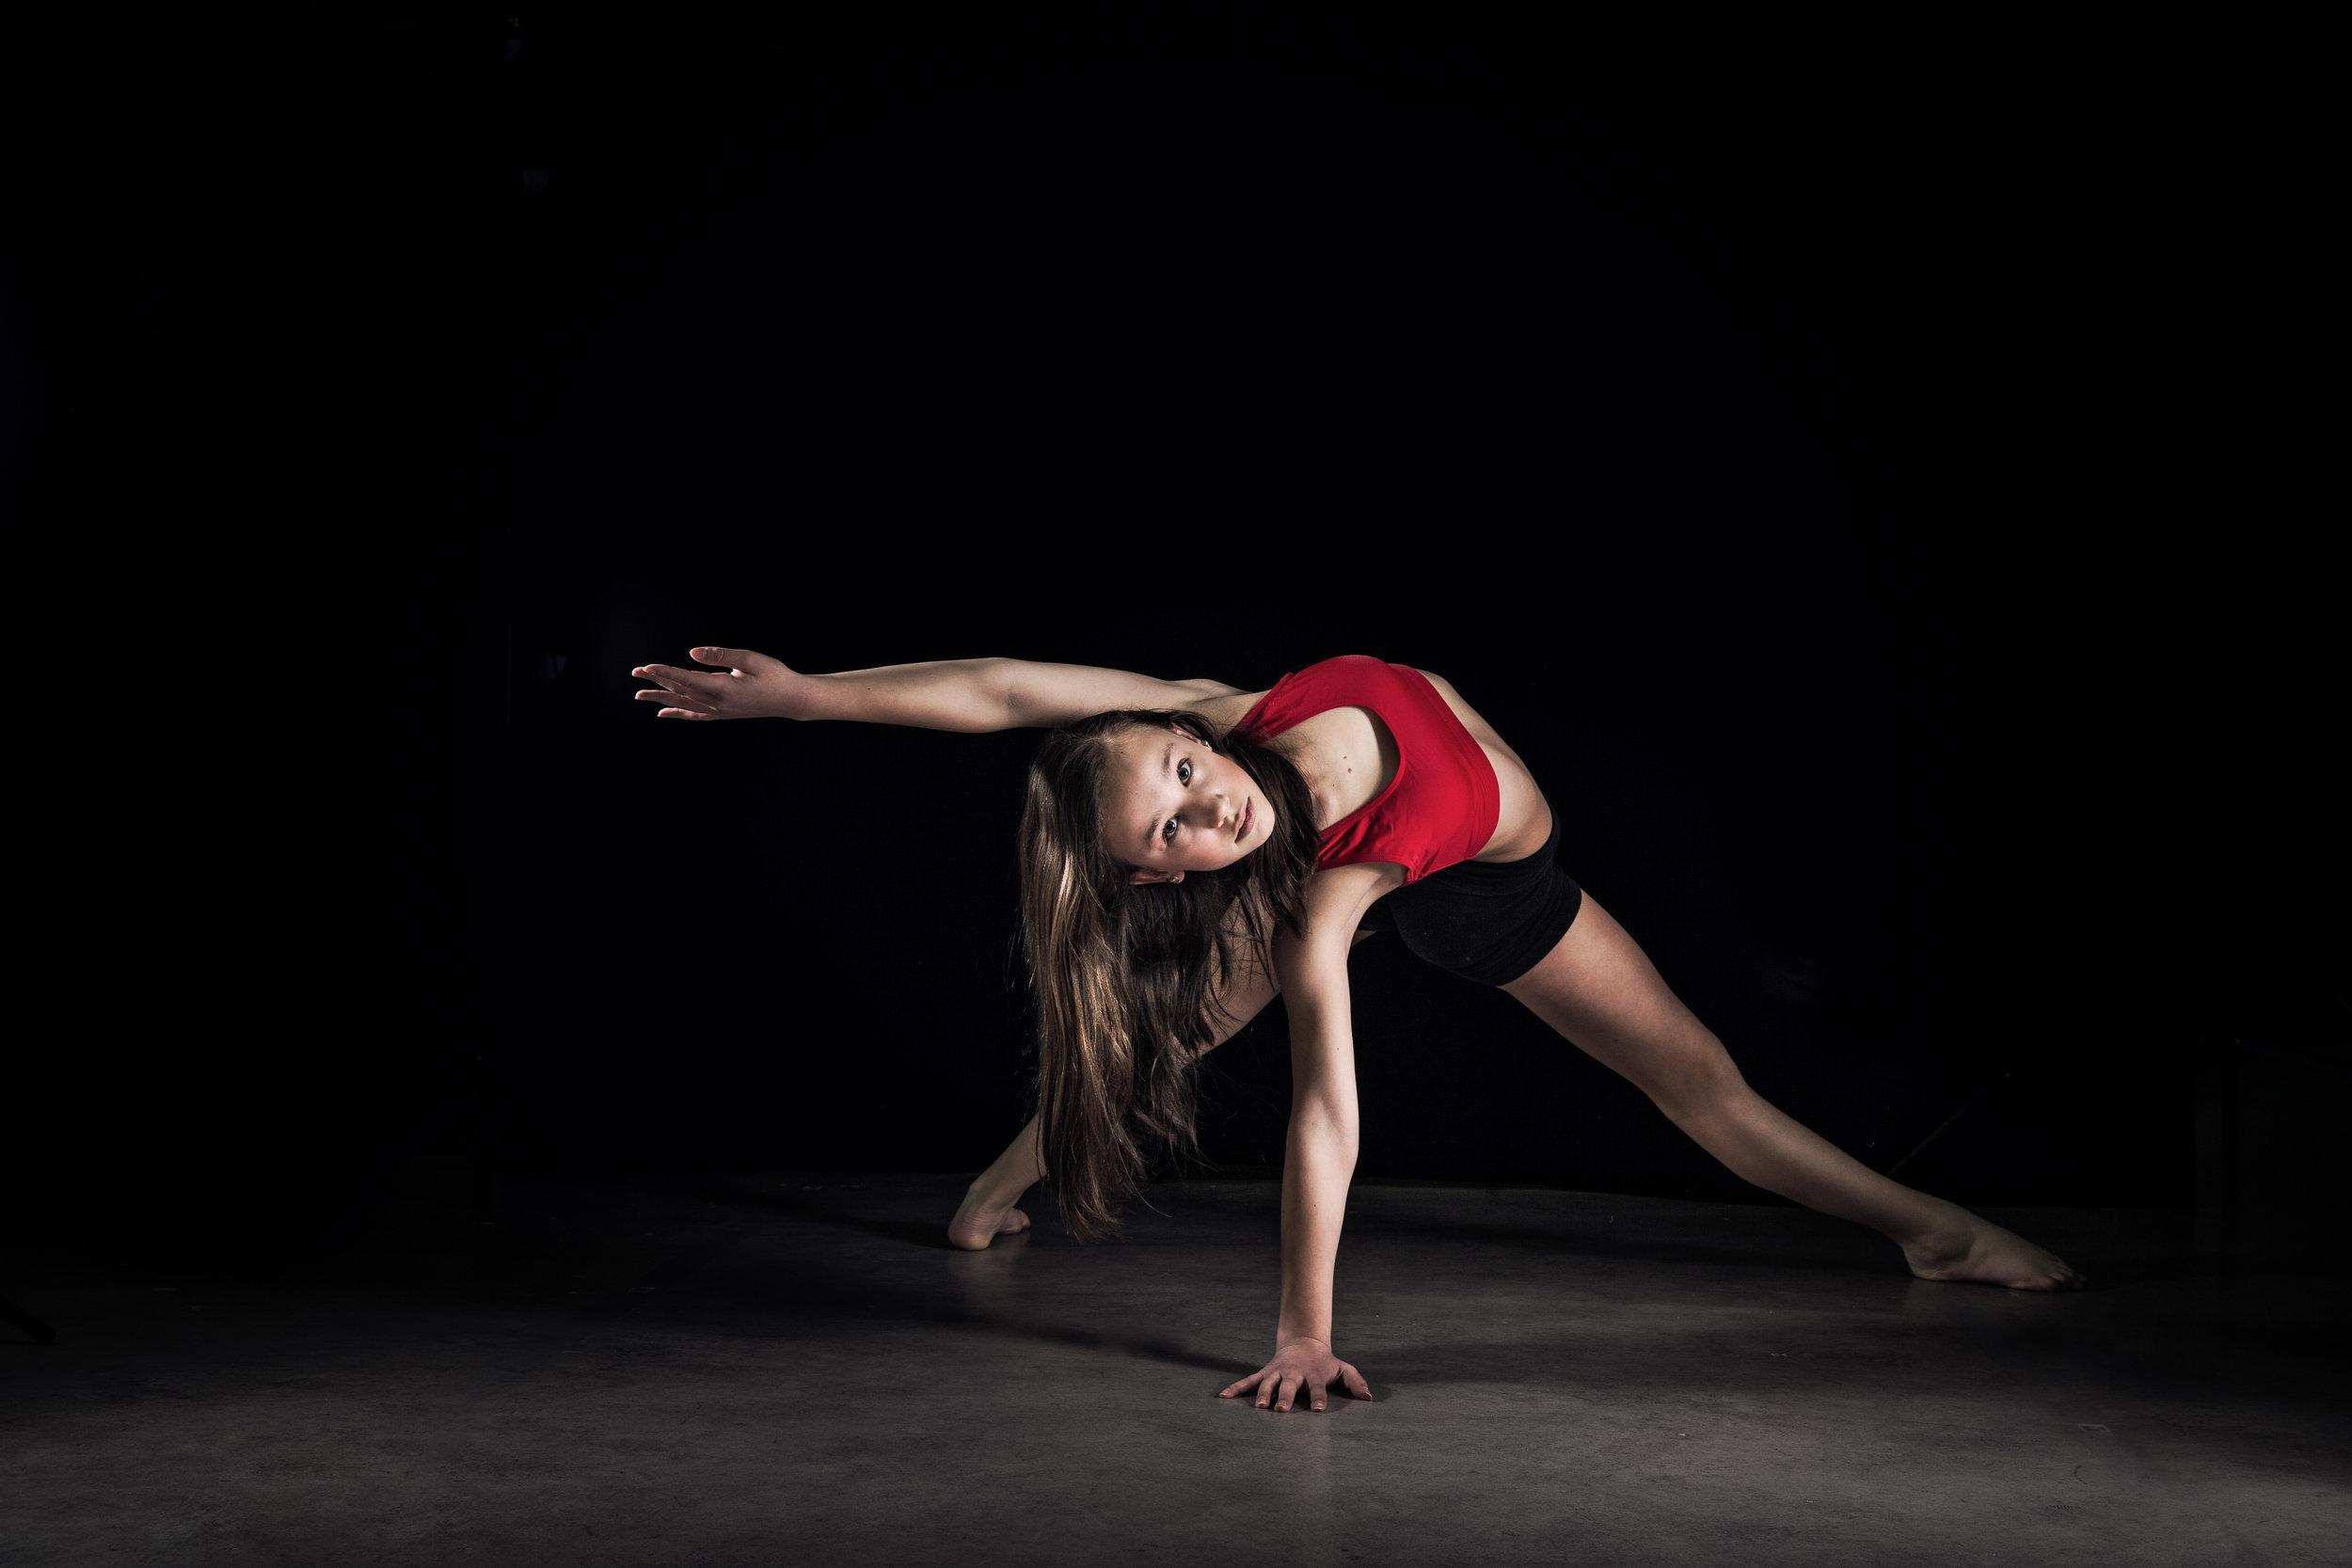 LR_Express_Dancer_Series-5.jpg